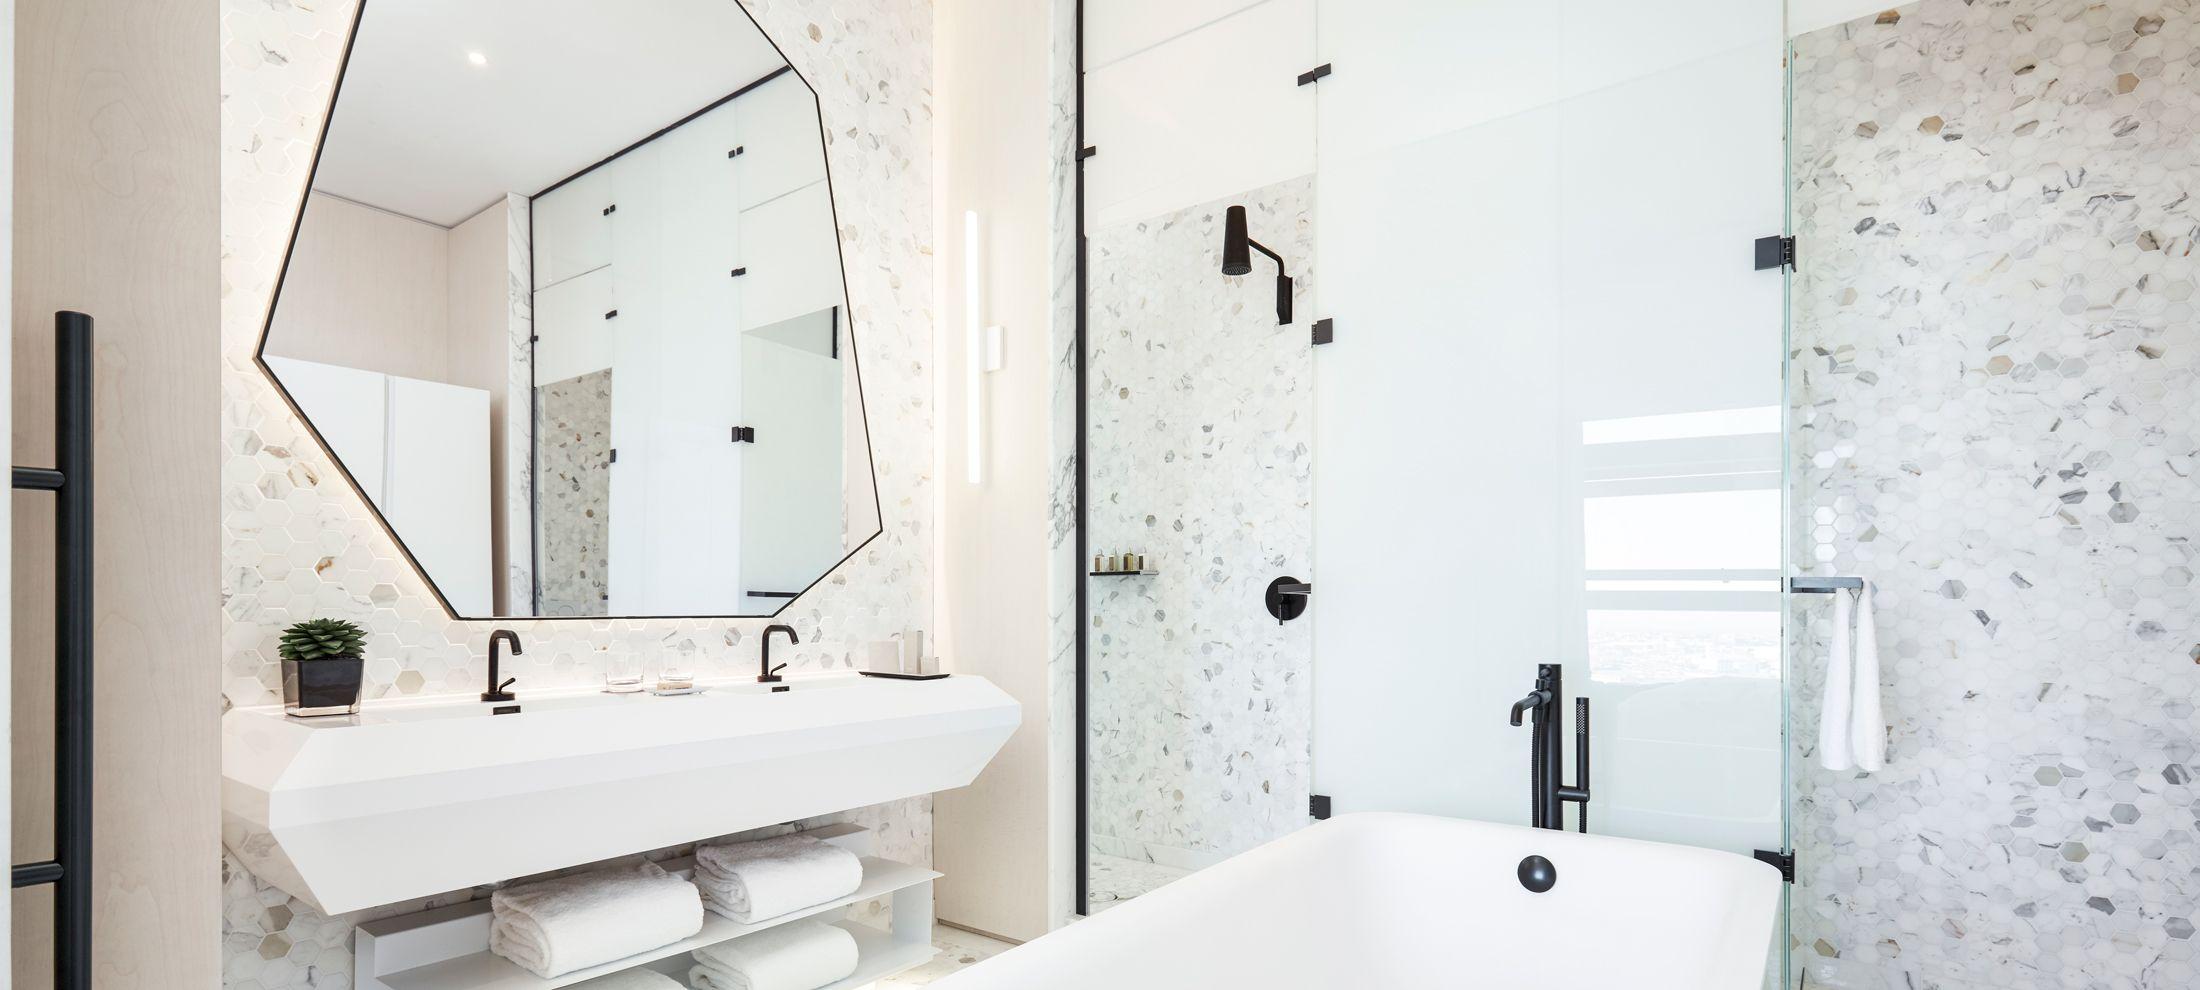 studio munge // william vale bathroom Interior design firm ...